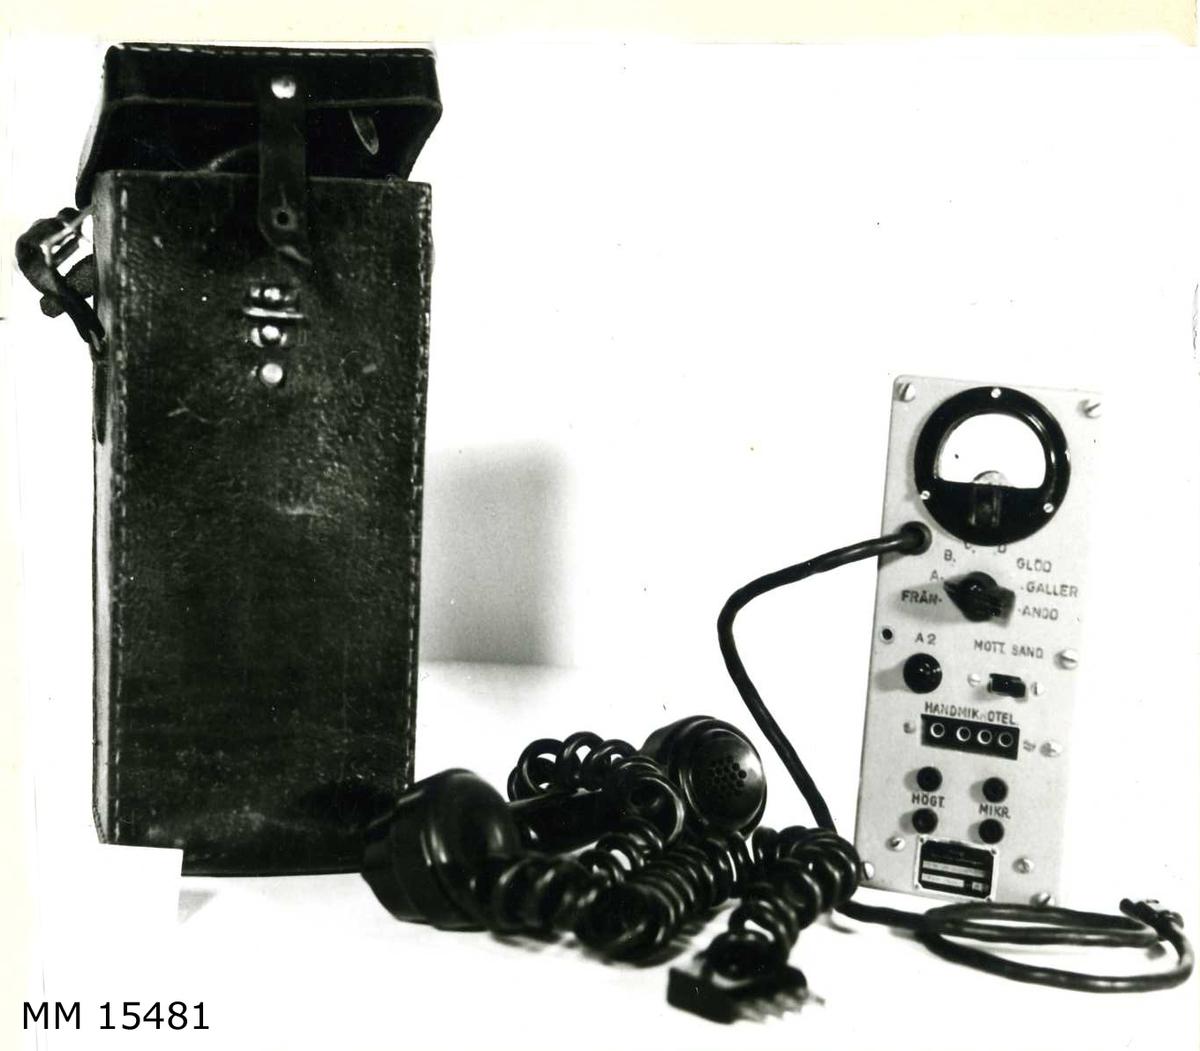 """Kontrollbox för 5 W UK-station m/46 i rektangulär gråmålad låda med mätare överst, samt under denna tre stycken manöverknappar för inställninga av olika funktioner. En stickproppsförsedd handmikrotelefon medföljrer, avsedd att kopplas in i uttag under ovan nämnda manöverknappar. Hela utrustningen med unfantag av handmikrotelefonen förvaras i ett svart läderfodral med bärrem. På fastnitad skylt: """"Kungl Marinförvaltningen, 5 W UK-station M/46, Kontrollbox nr 131"""". Handmikrotelefonen märkt med tre kronor."""